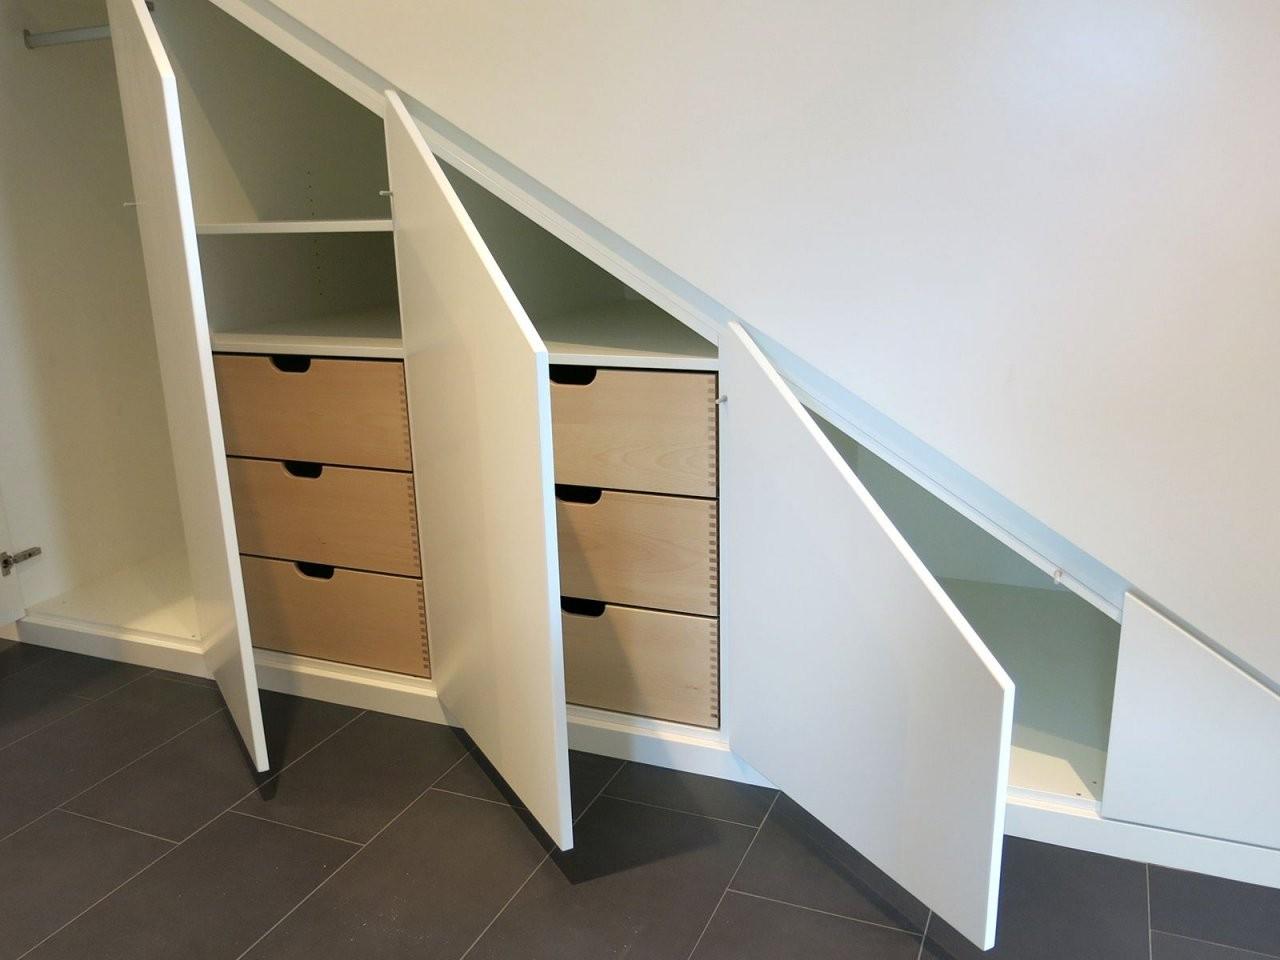 Einbauschrank Für Eine Dachschräge Oder Unter Der Treppe Gefertigt von Regale Unter Der Treppe Bild